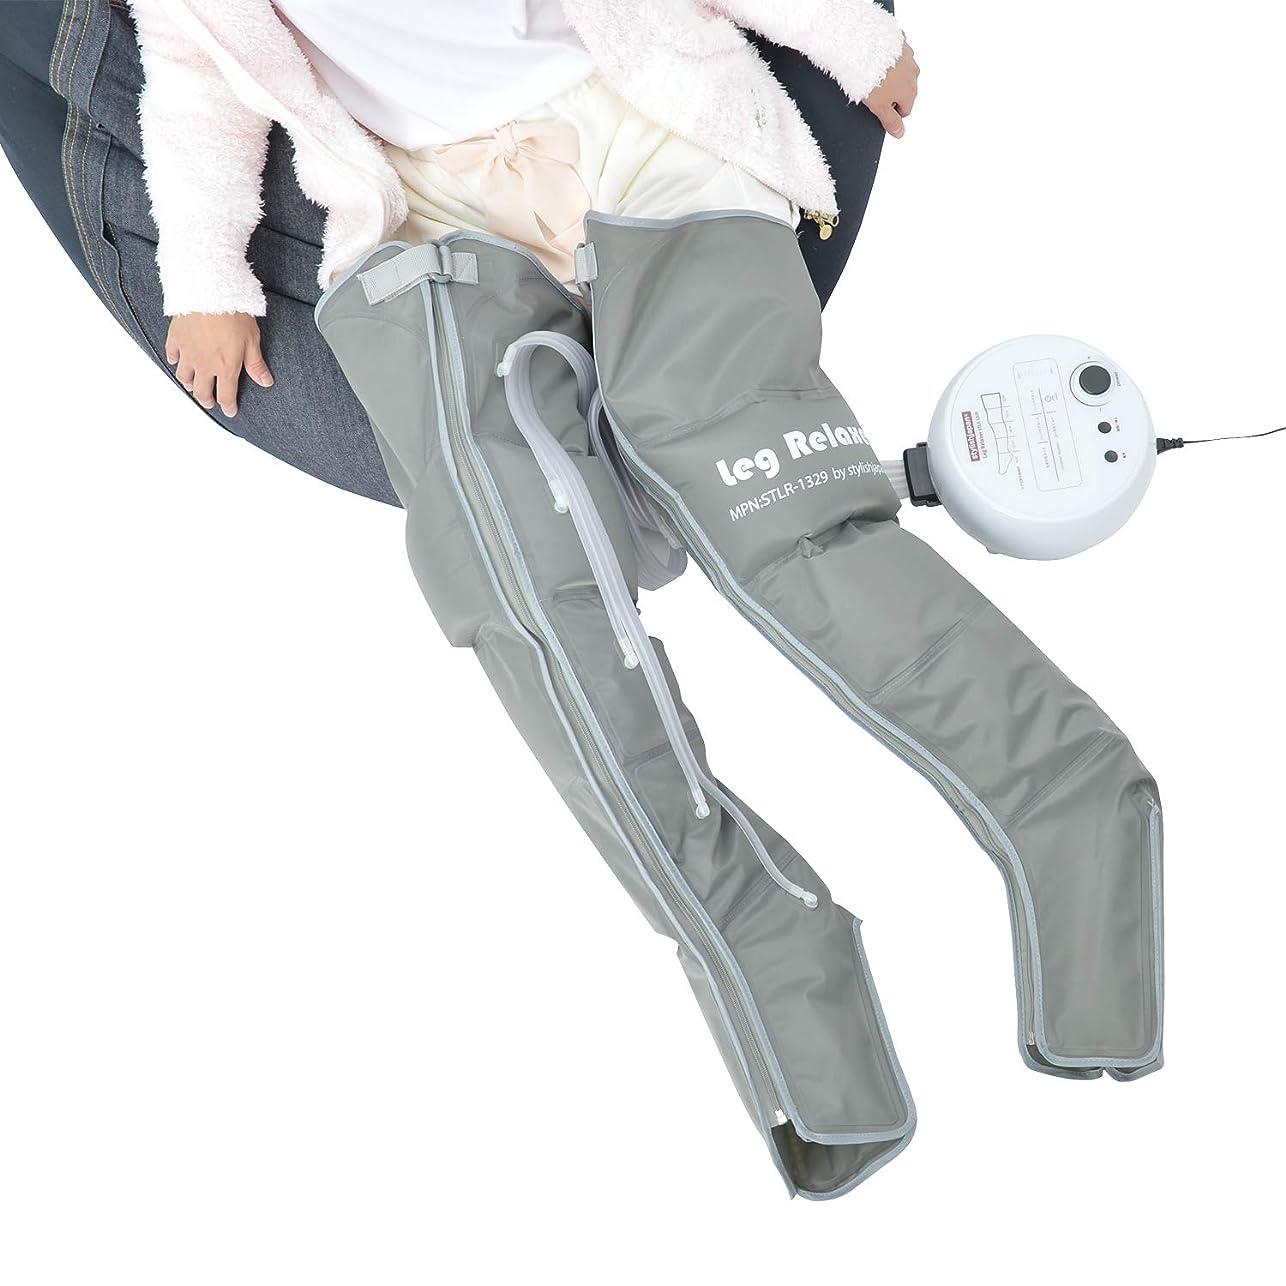 移動するパット改修するスタイリッシュジャパン(stylishjapan) レッグリラクサー STLR-1329